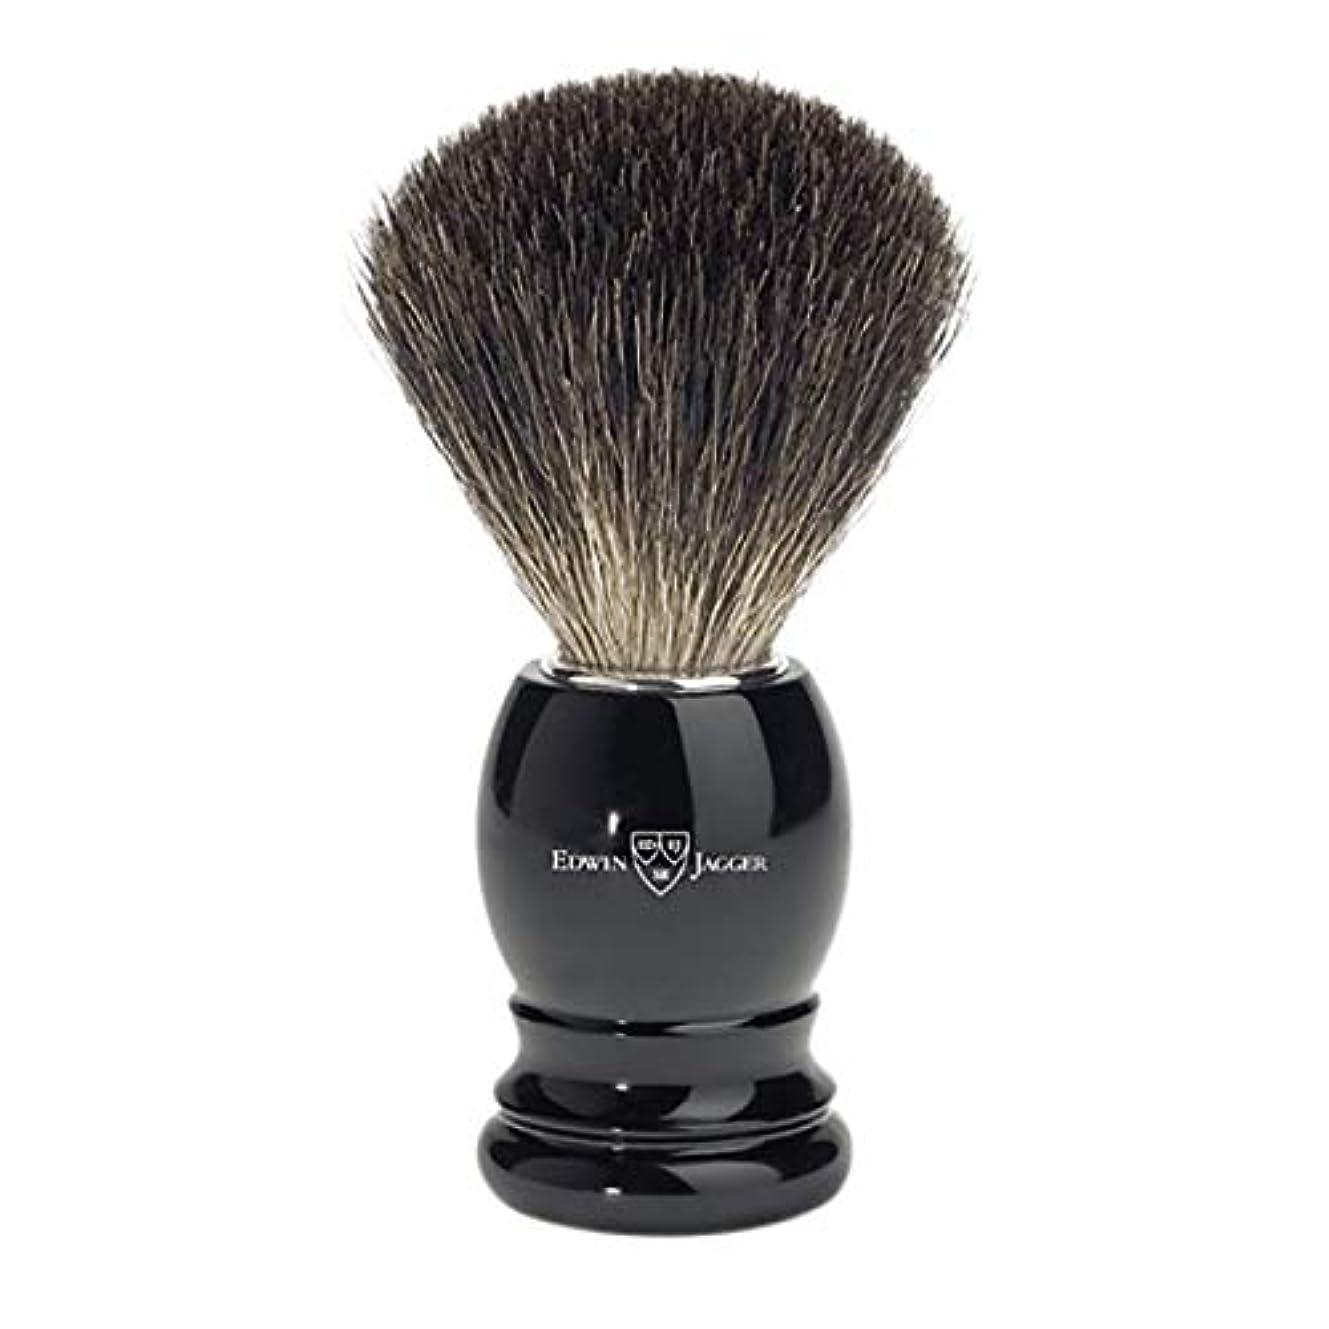 モートサミュエルオープニングエドウィンジャガー ブラックイミテーションエボニーベストバジャーシェービングブラシ81P26[海外直送品]Edwin Jagger Black Imitation Ebony Best Badger Shaving Brush...